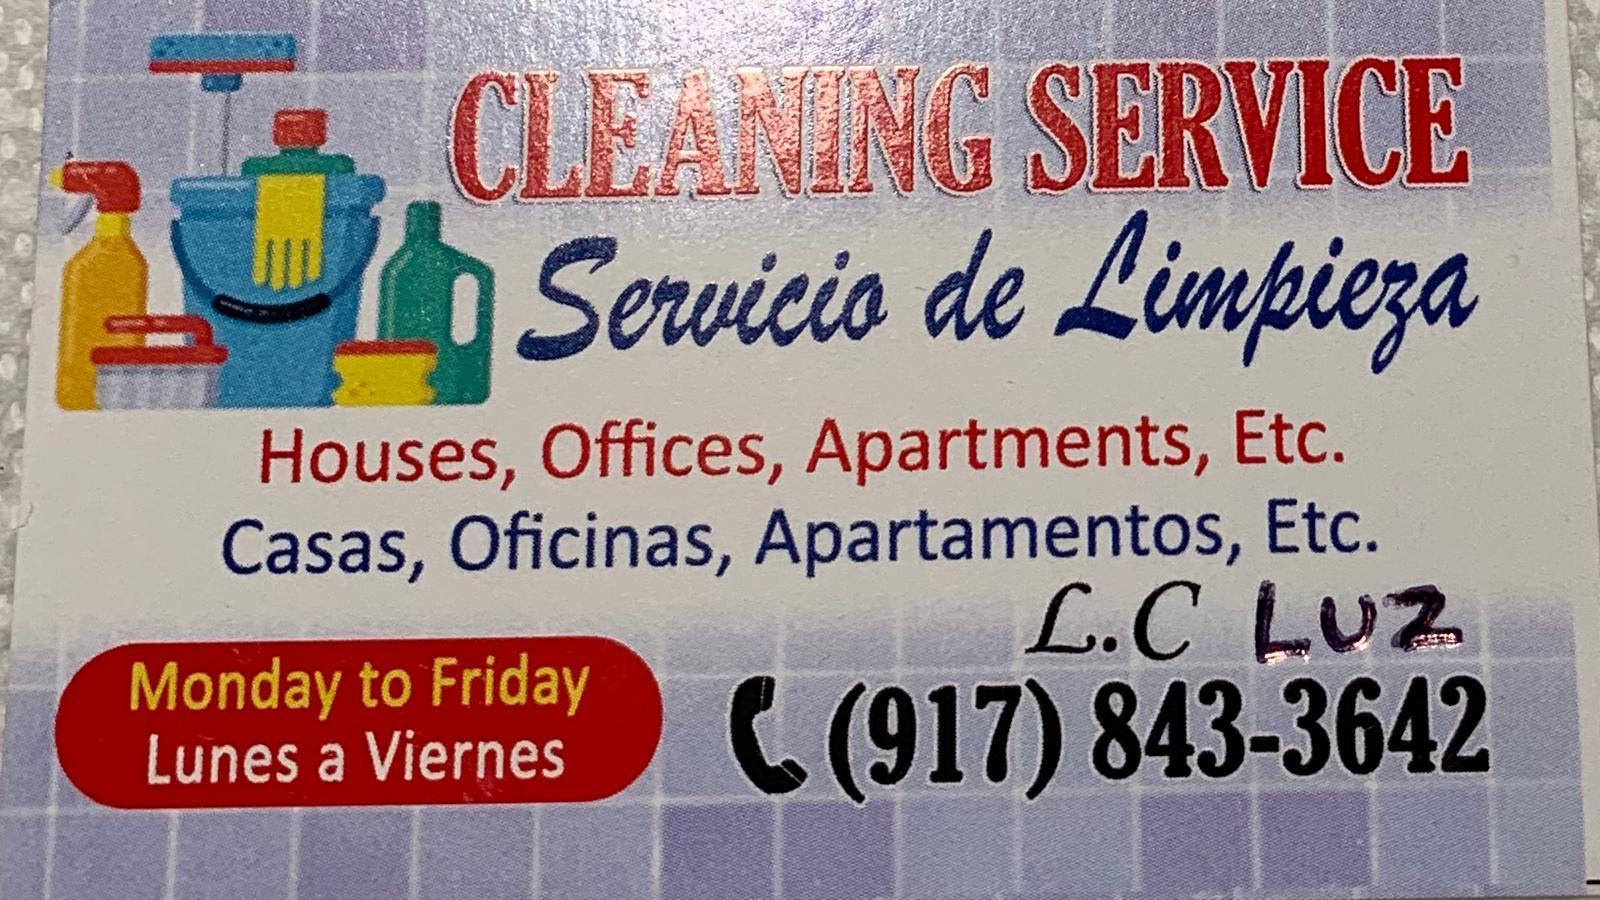 Ogłoszenie darmowe. Lokalizacja:  Manhattan NY. TRABAJOS - Limpiezas. busco trabajo de limpieza.